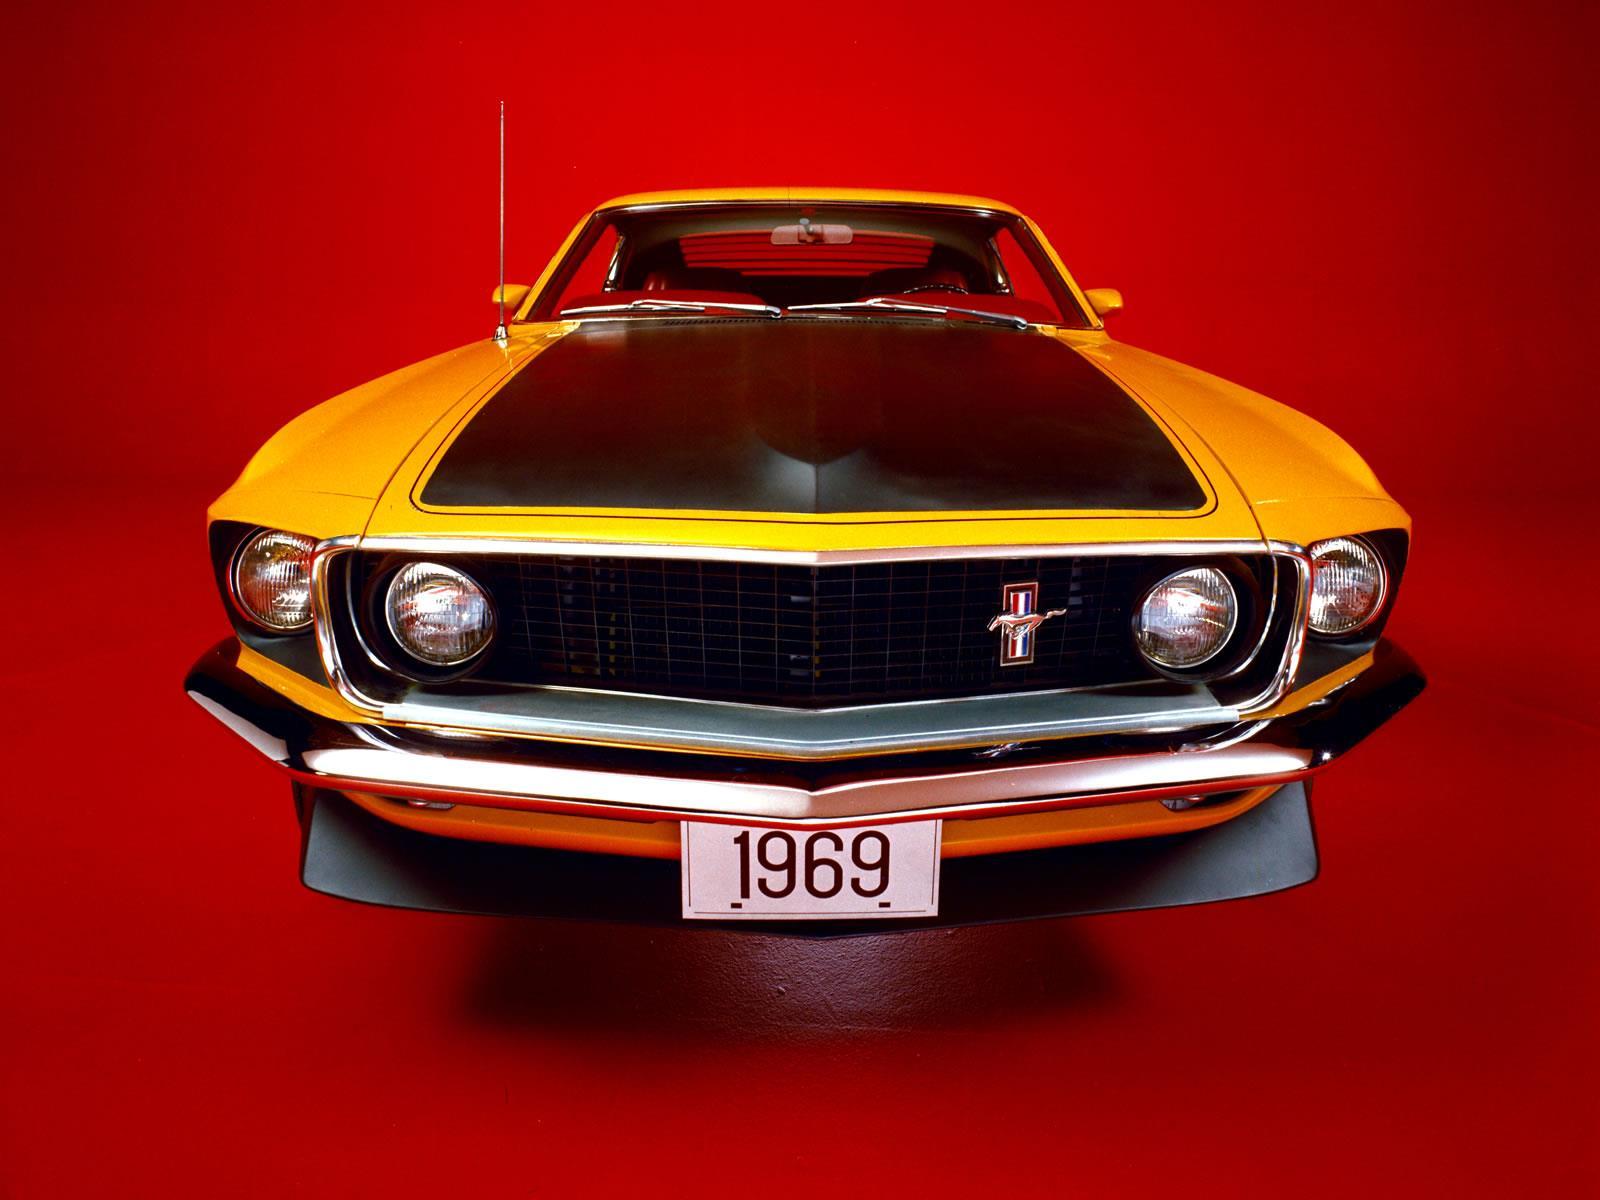 El Ford Mustang cumple 50 años - Autocosmos.com